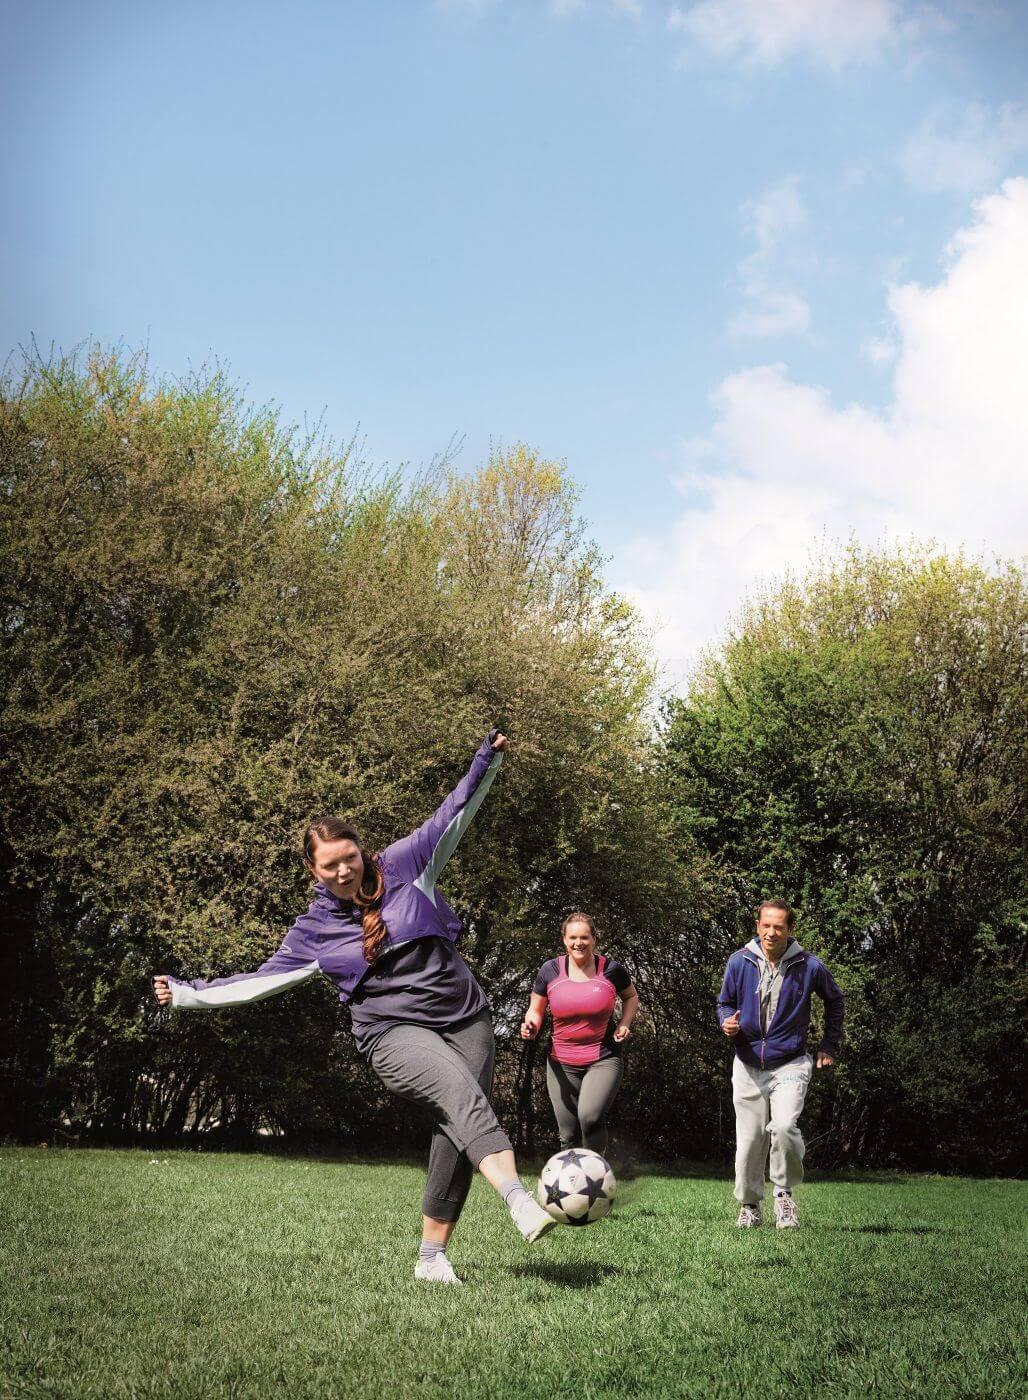 Drei Freunde spielen Fußball im Park.